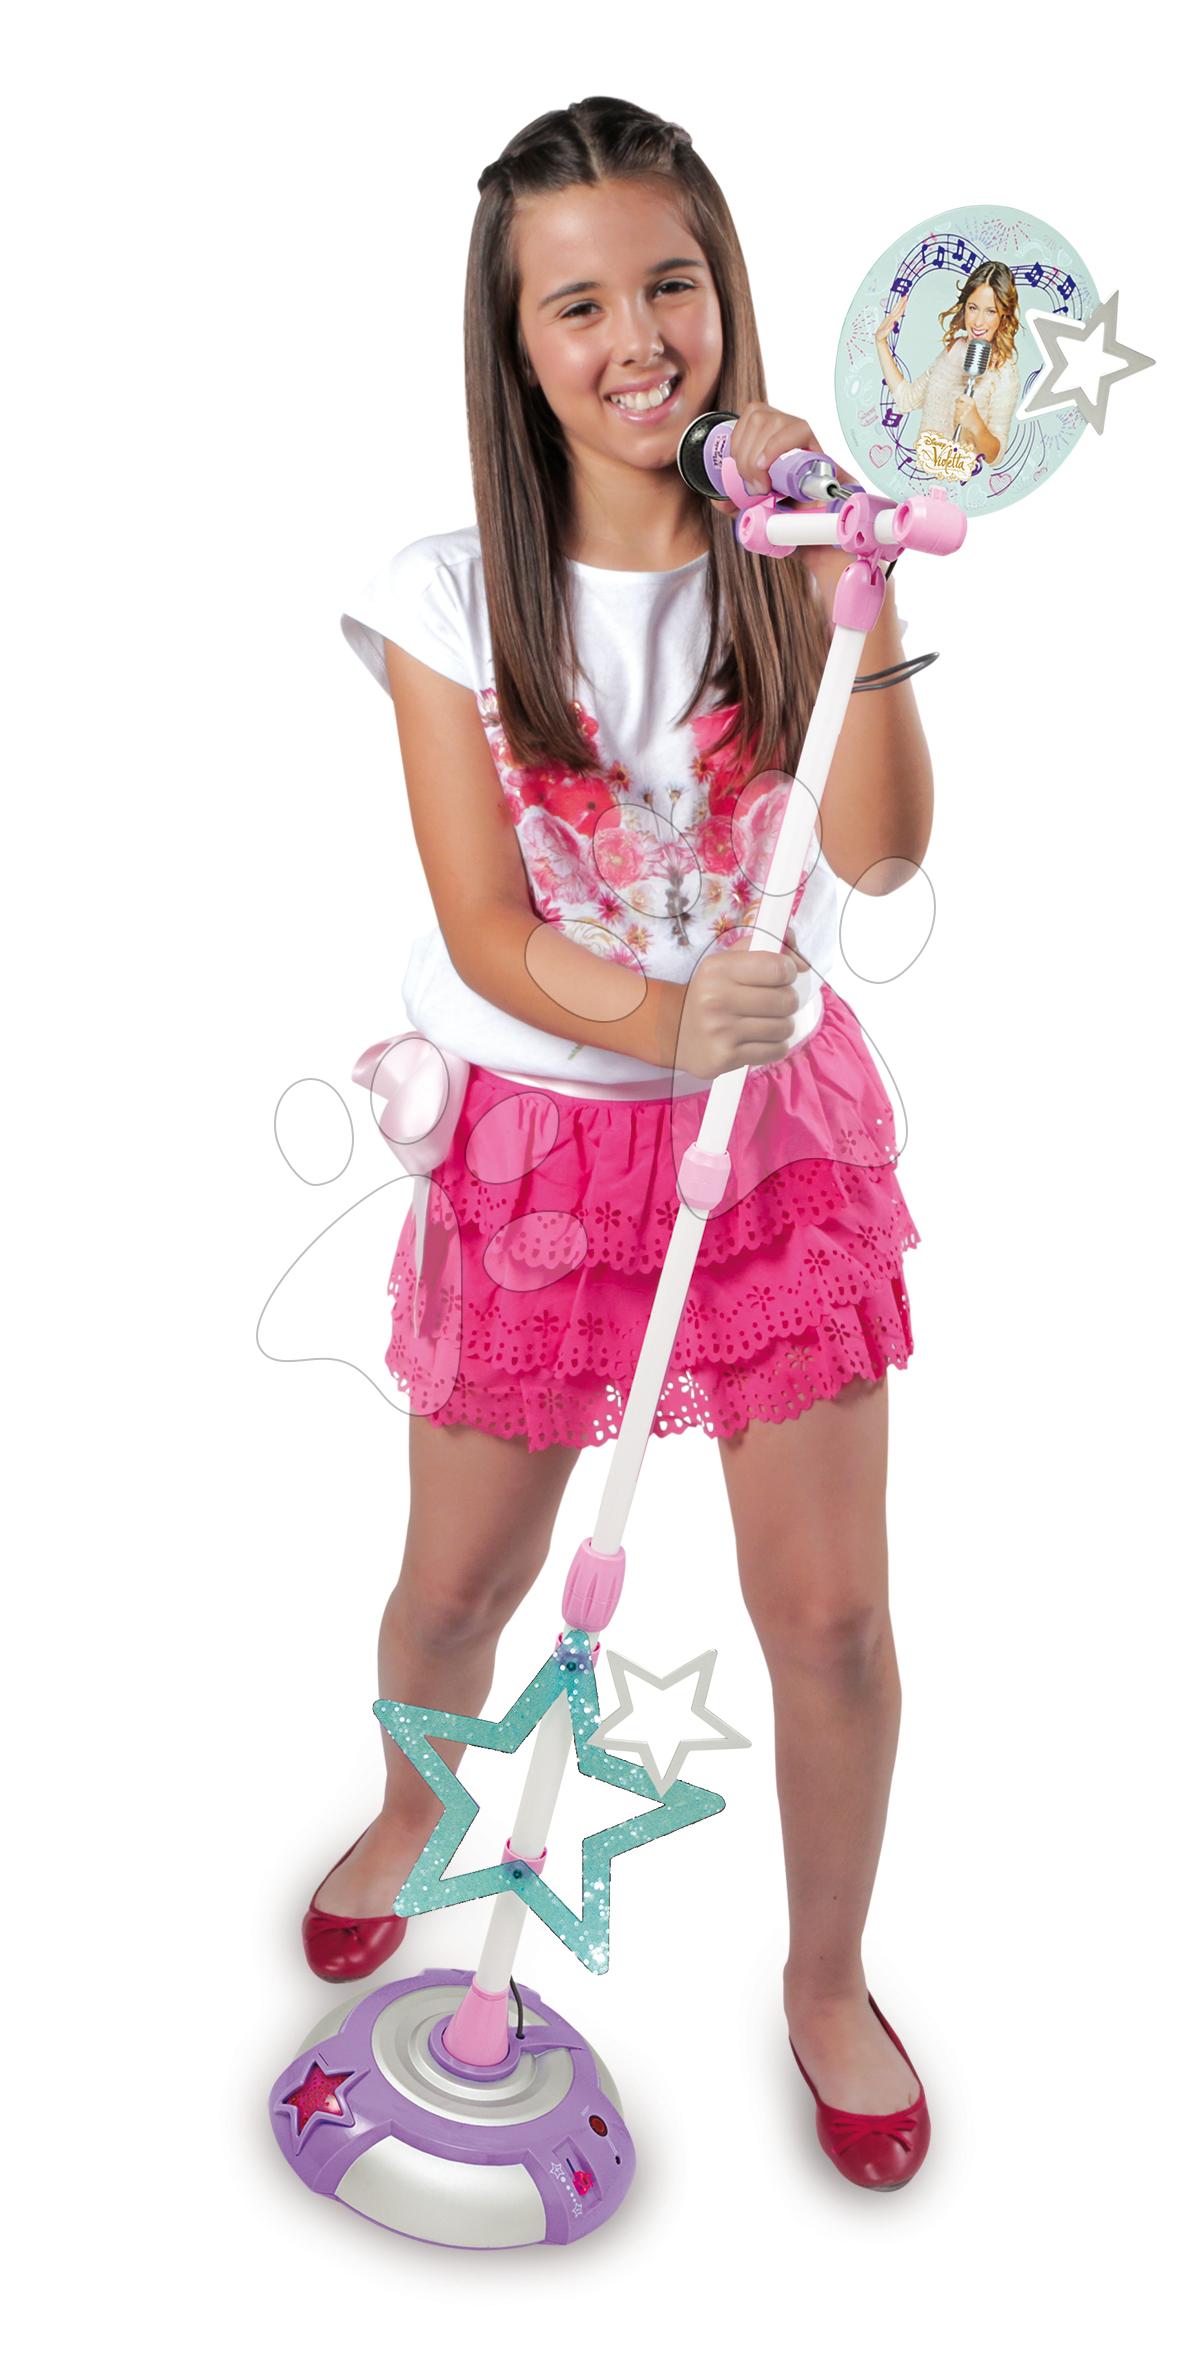 Mikrofon Violetta Zlatá edice Smoby se stojanem růžovo-bílý